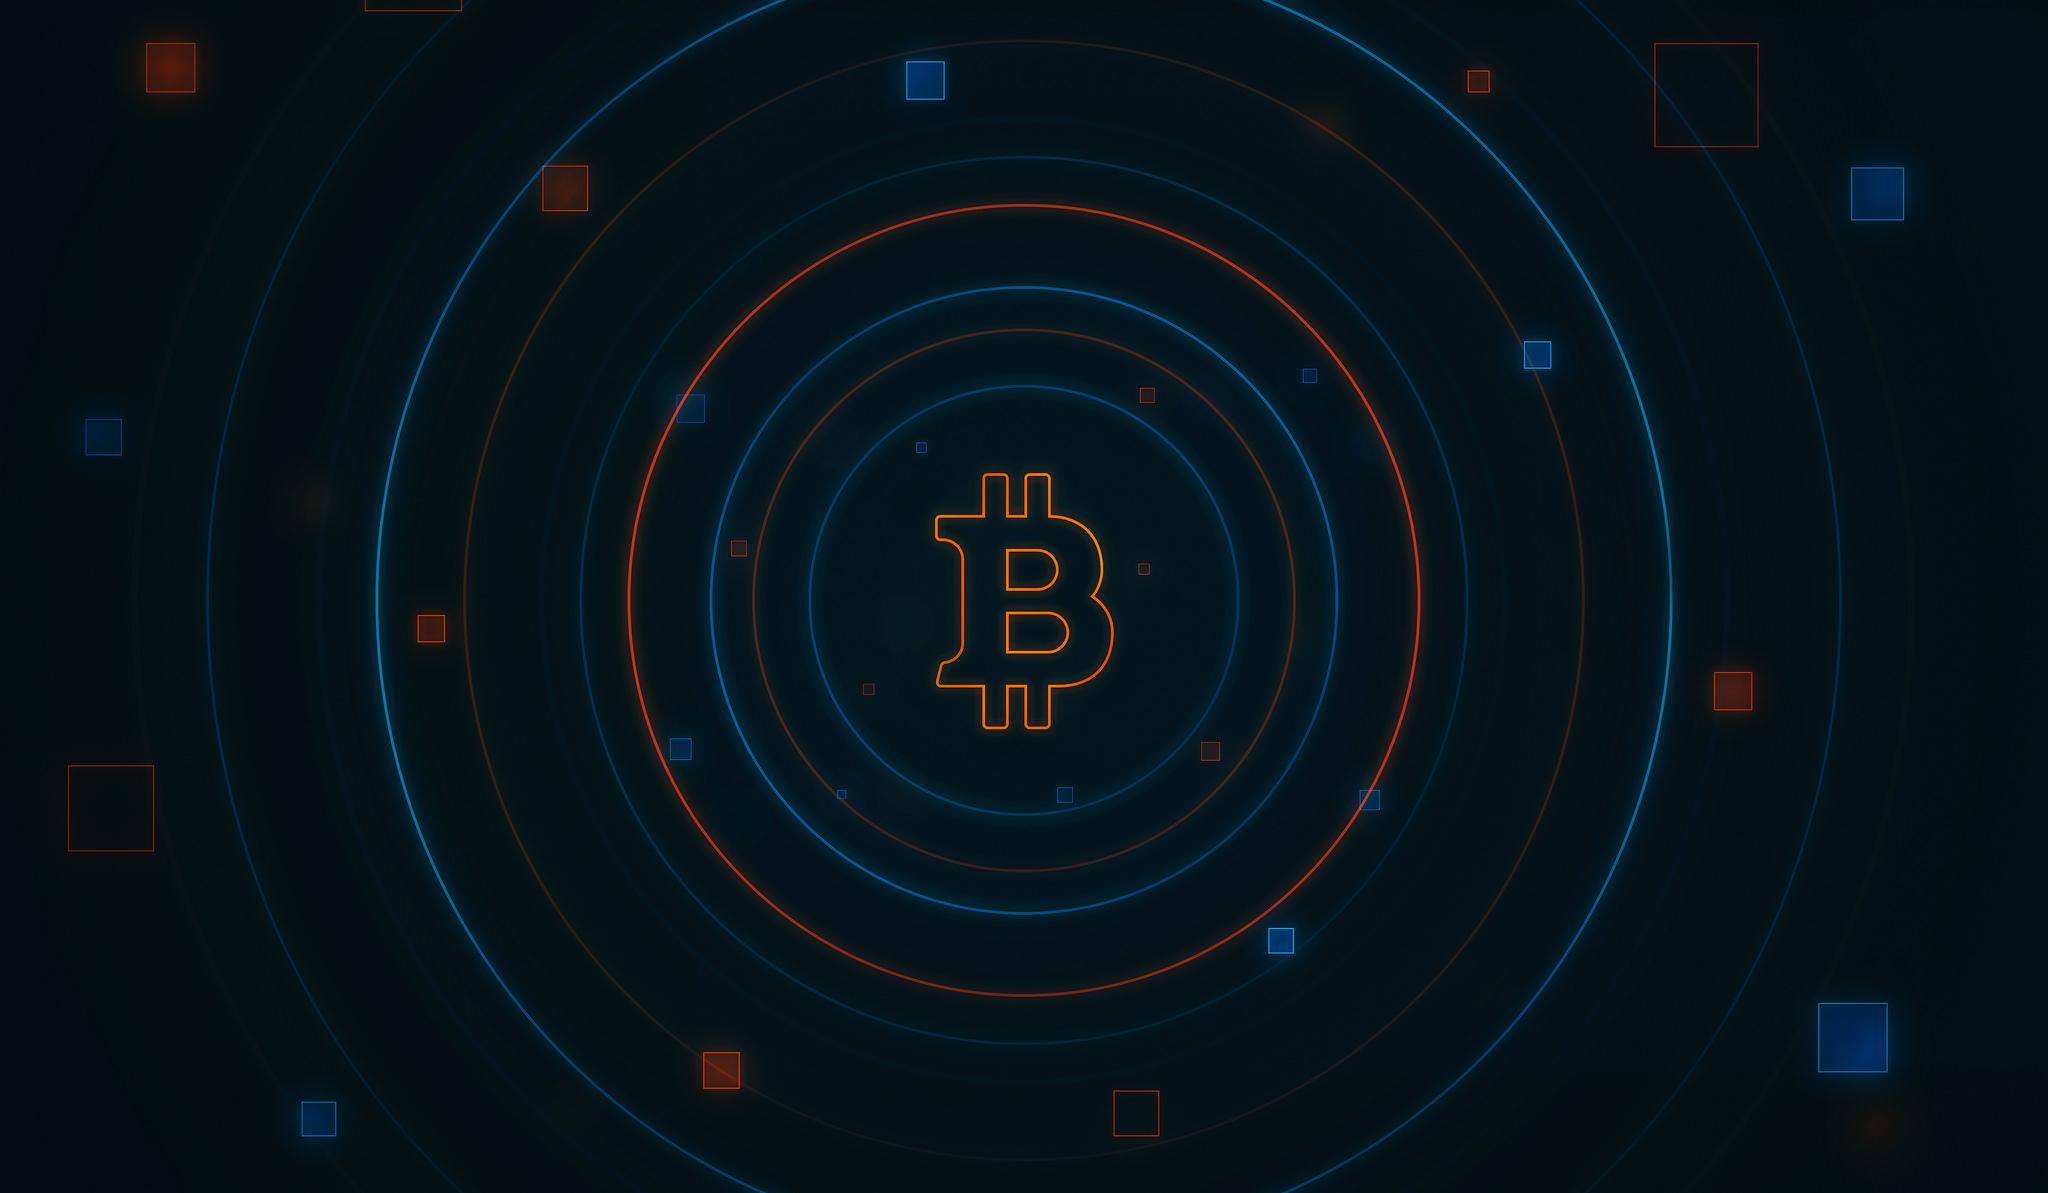 Wallpaper Future Hd A Bitcoin Constitutional Amendment Cato Liberty